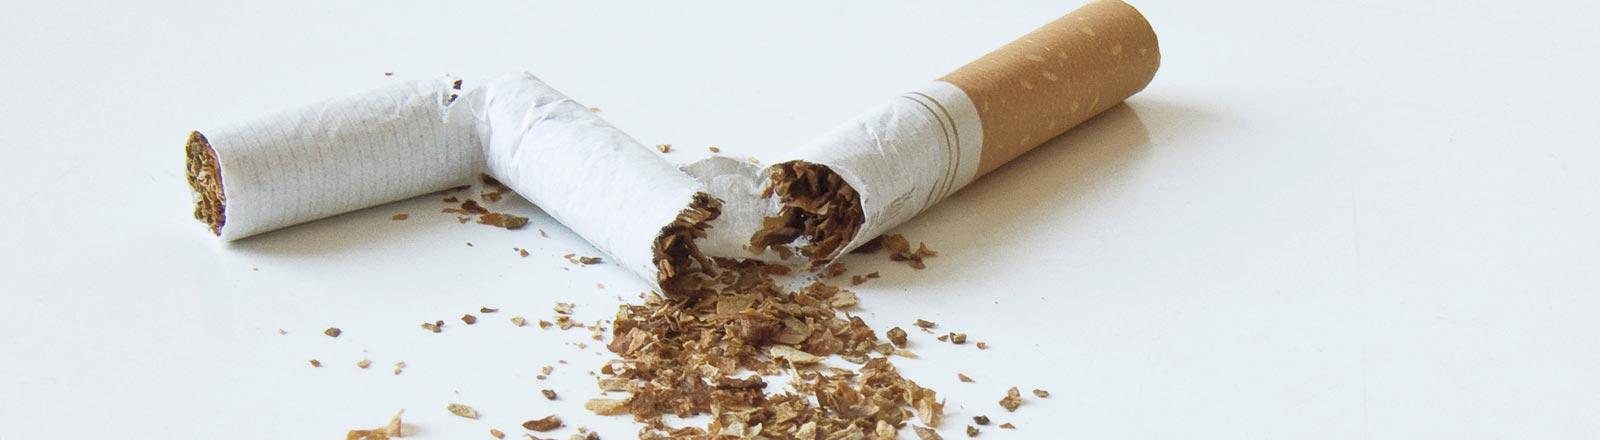 Eine zerbrochene Zigarette